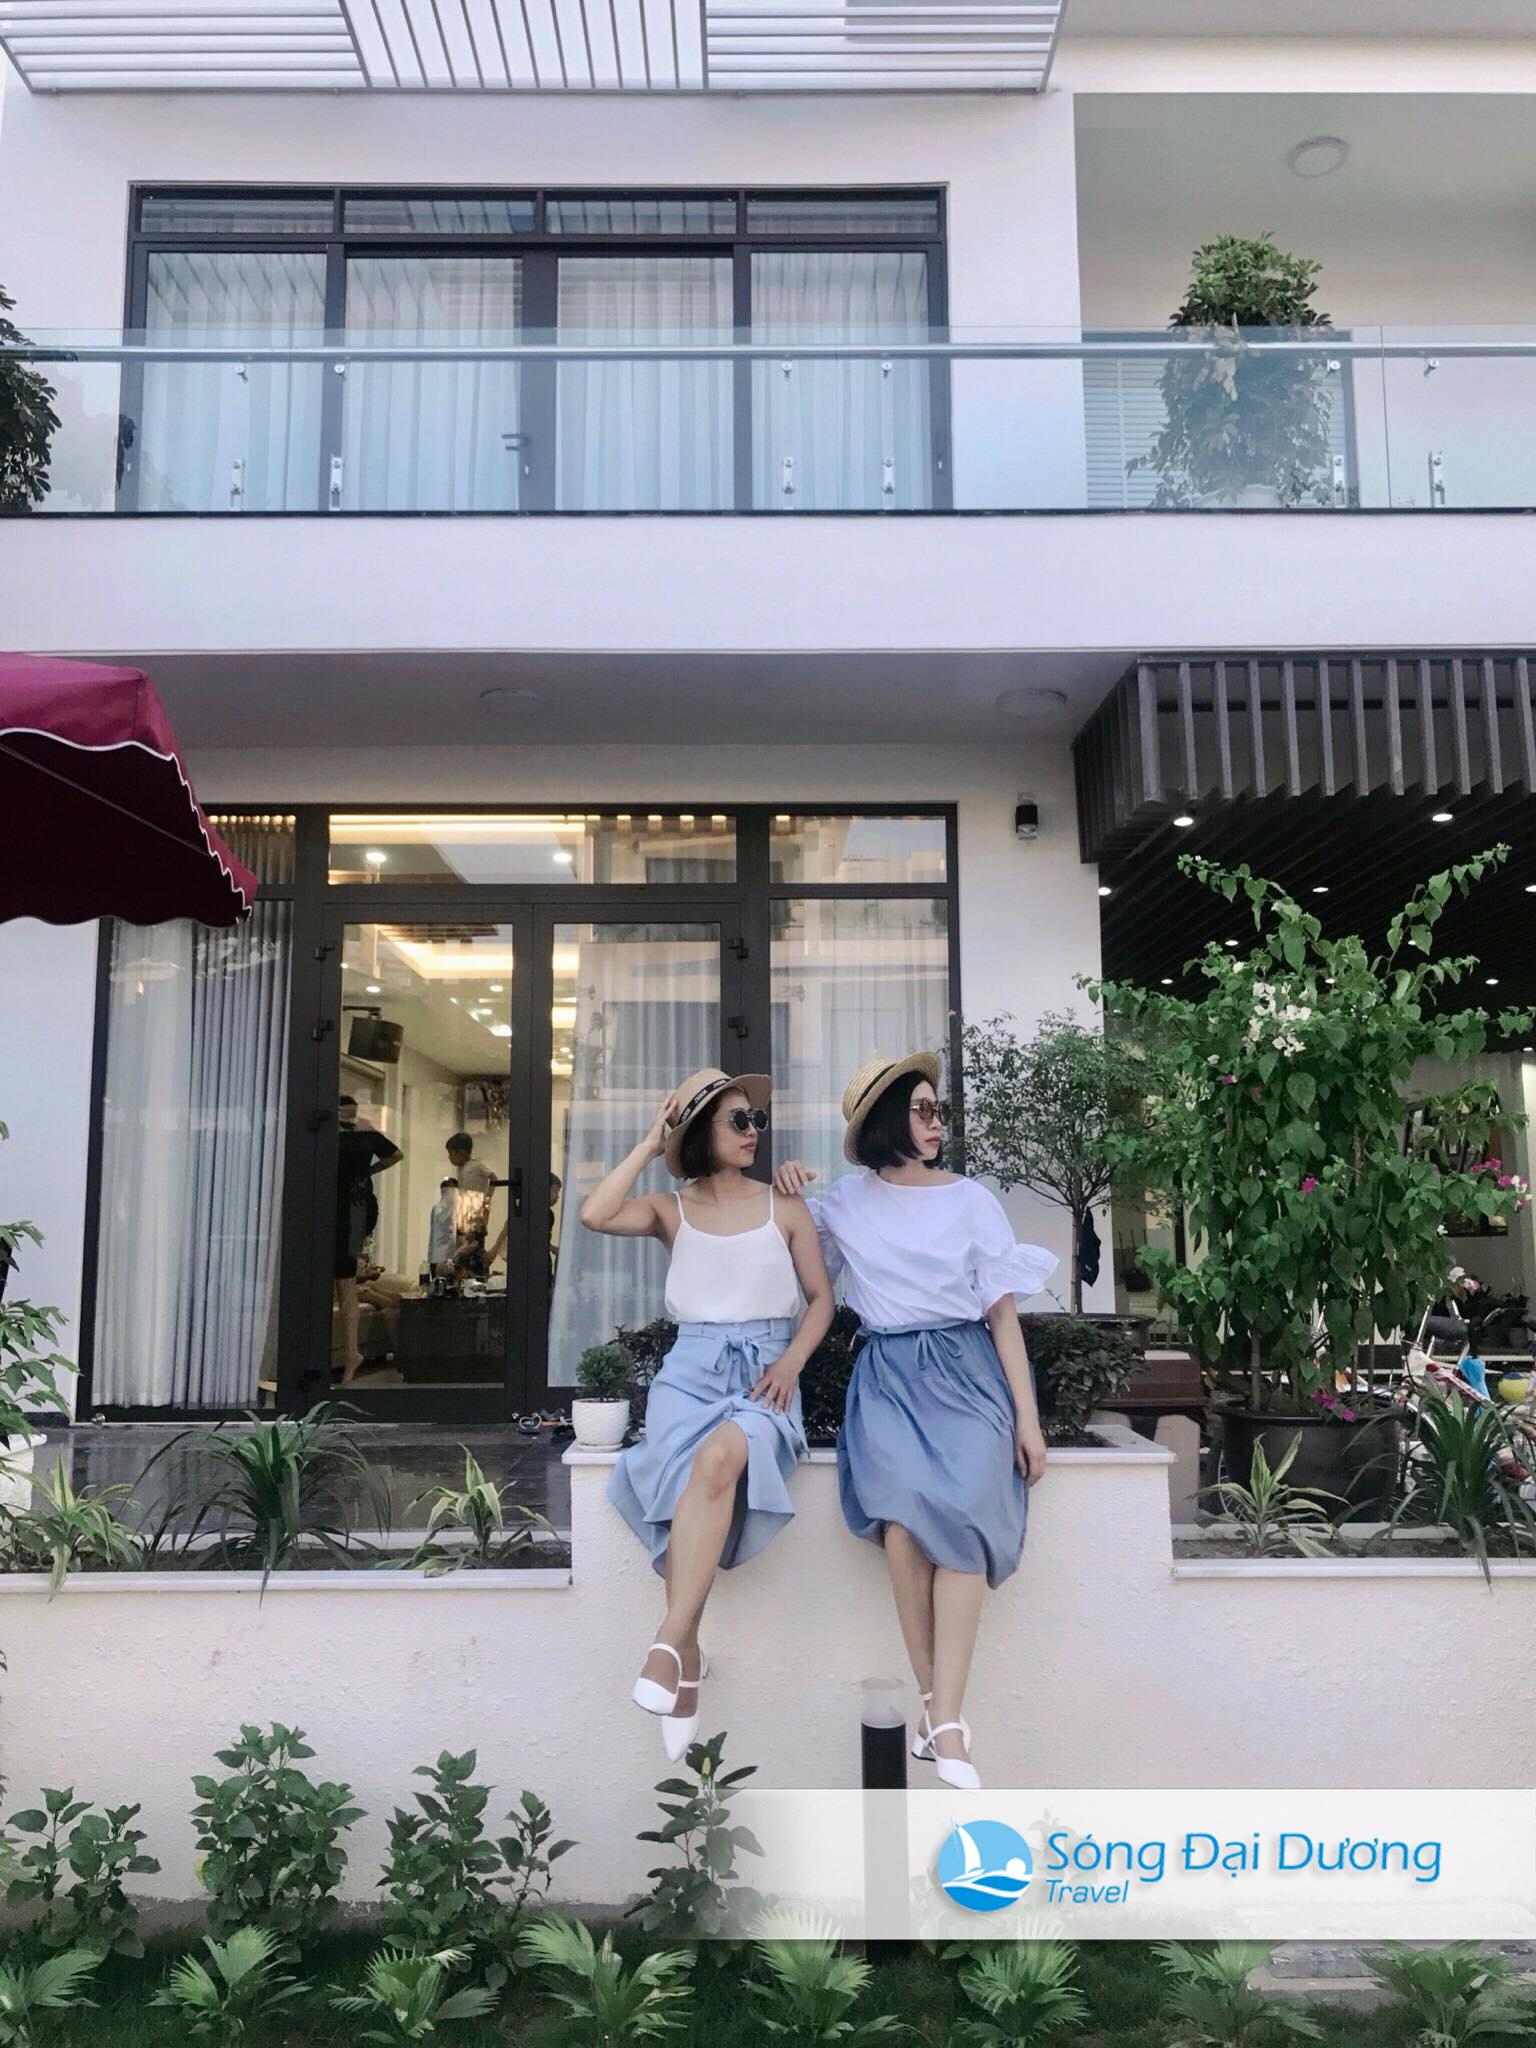 Khu nghỉ dưỡng cho cặp đôi gần Hà Nội